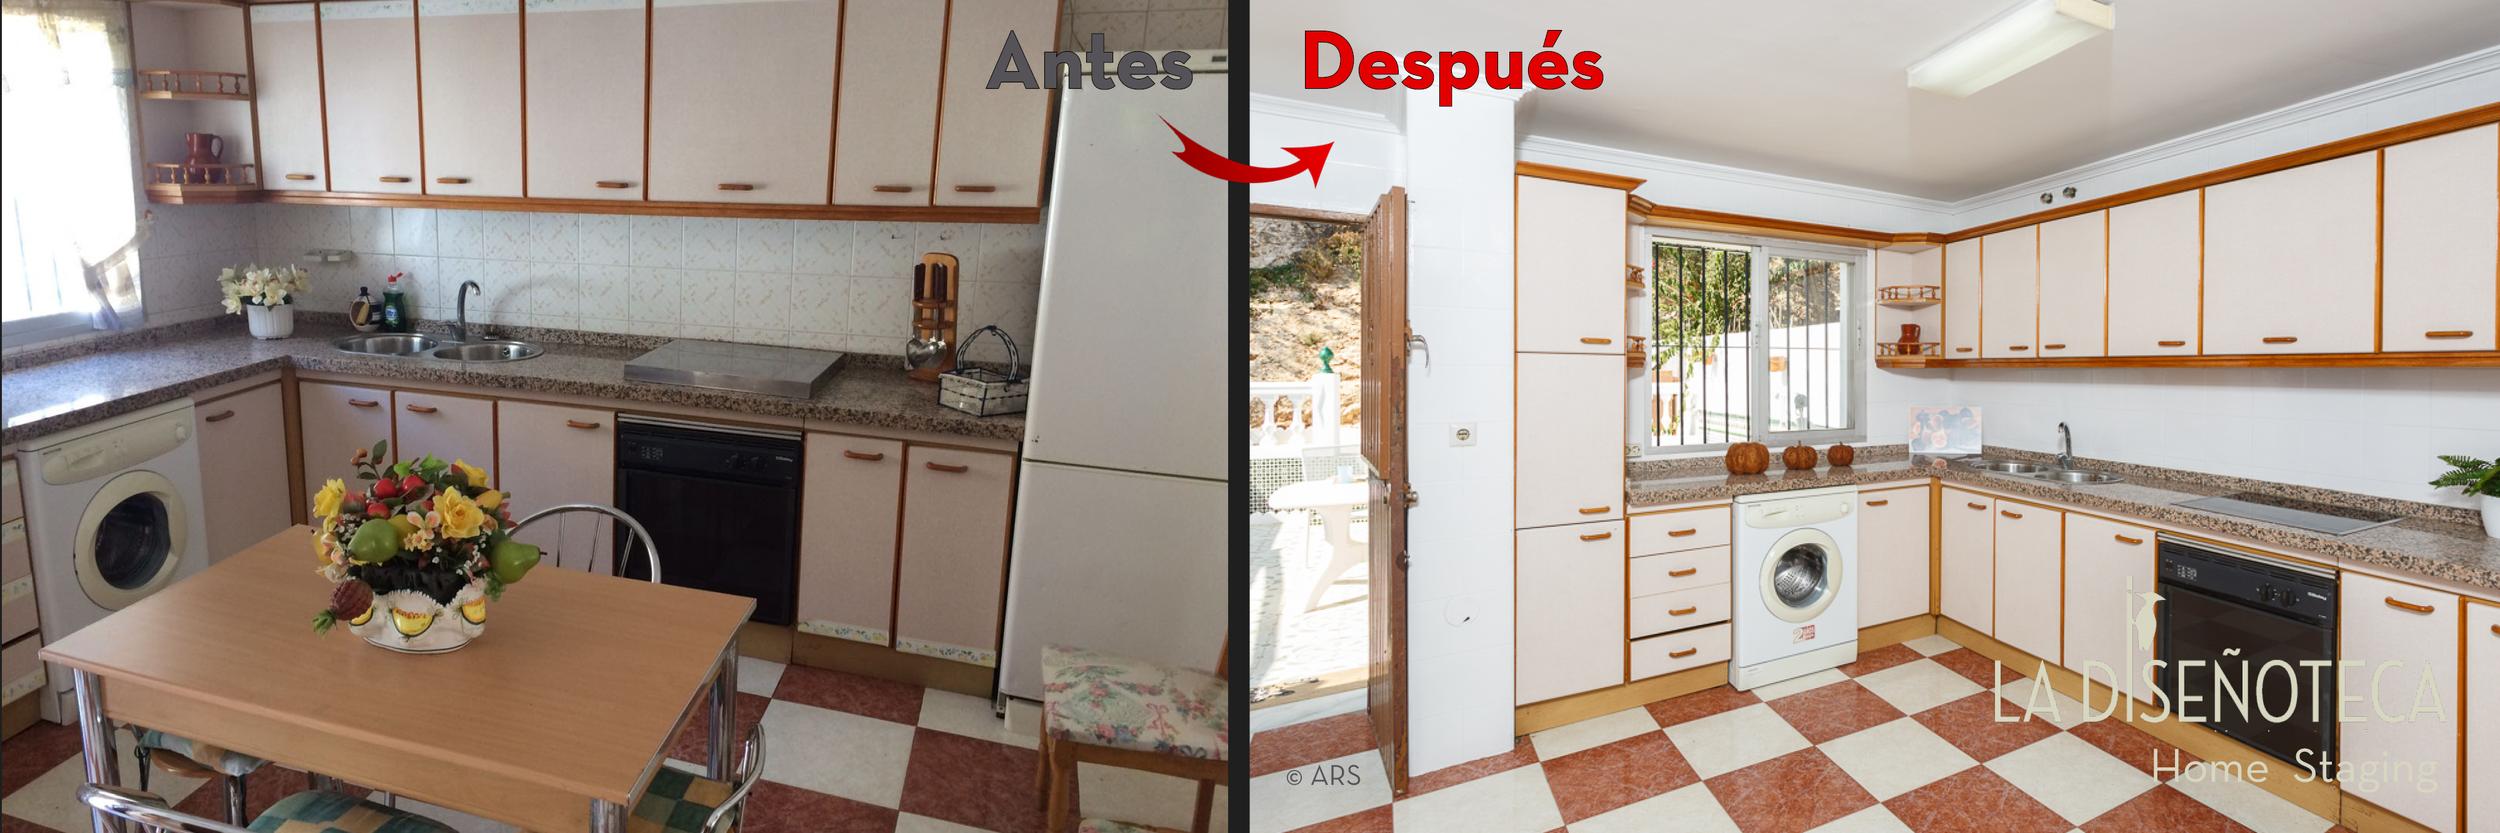 AntesyDespues Manuel Merino_cocina.png